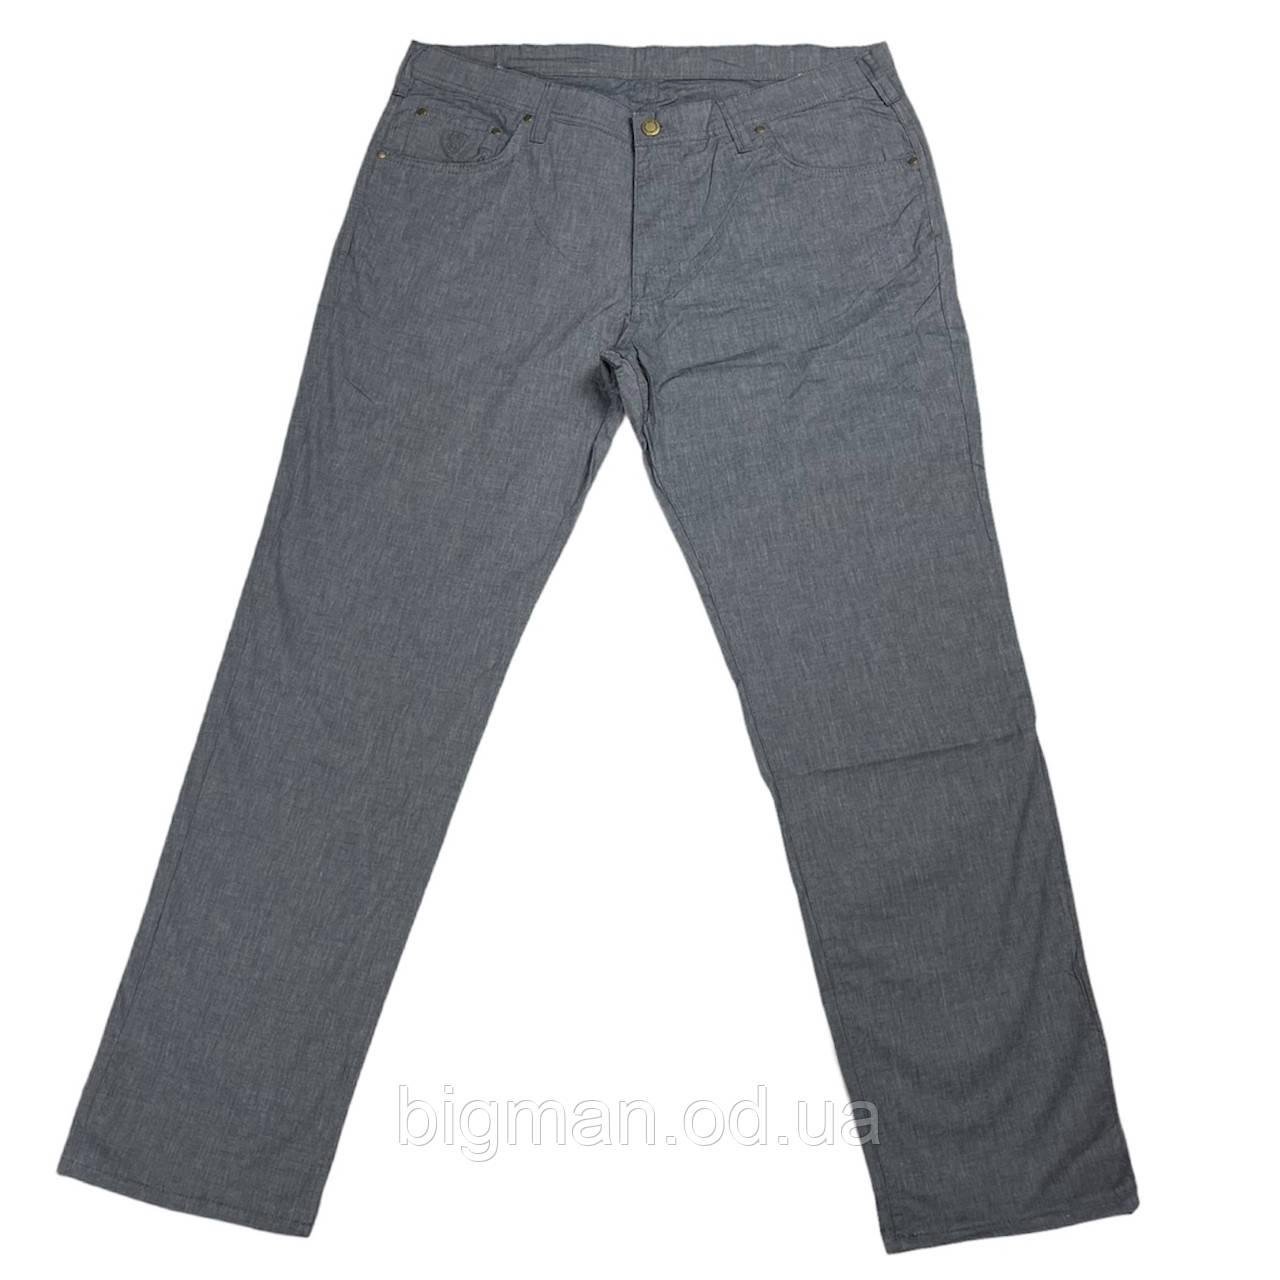 Мужские хлопковые штаны IFC 18036 54-66 размера серые Турция батал большой размер